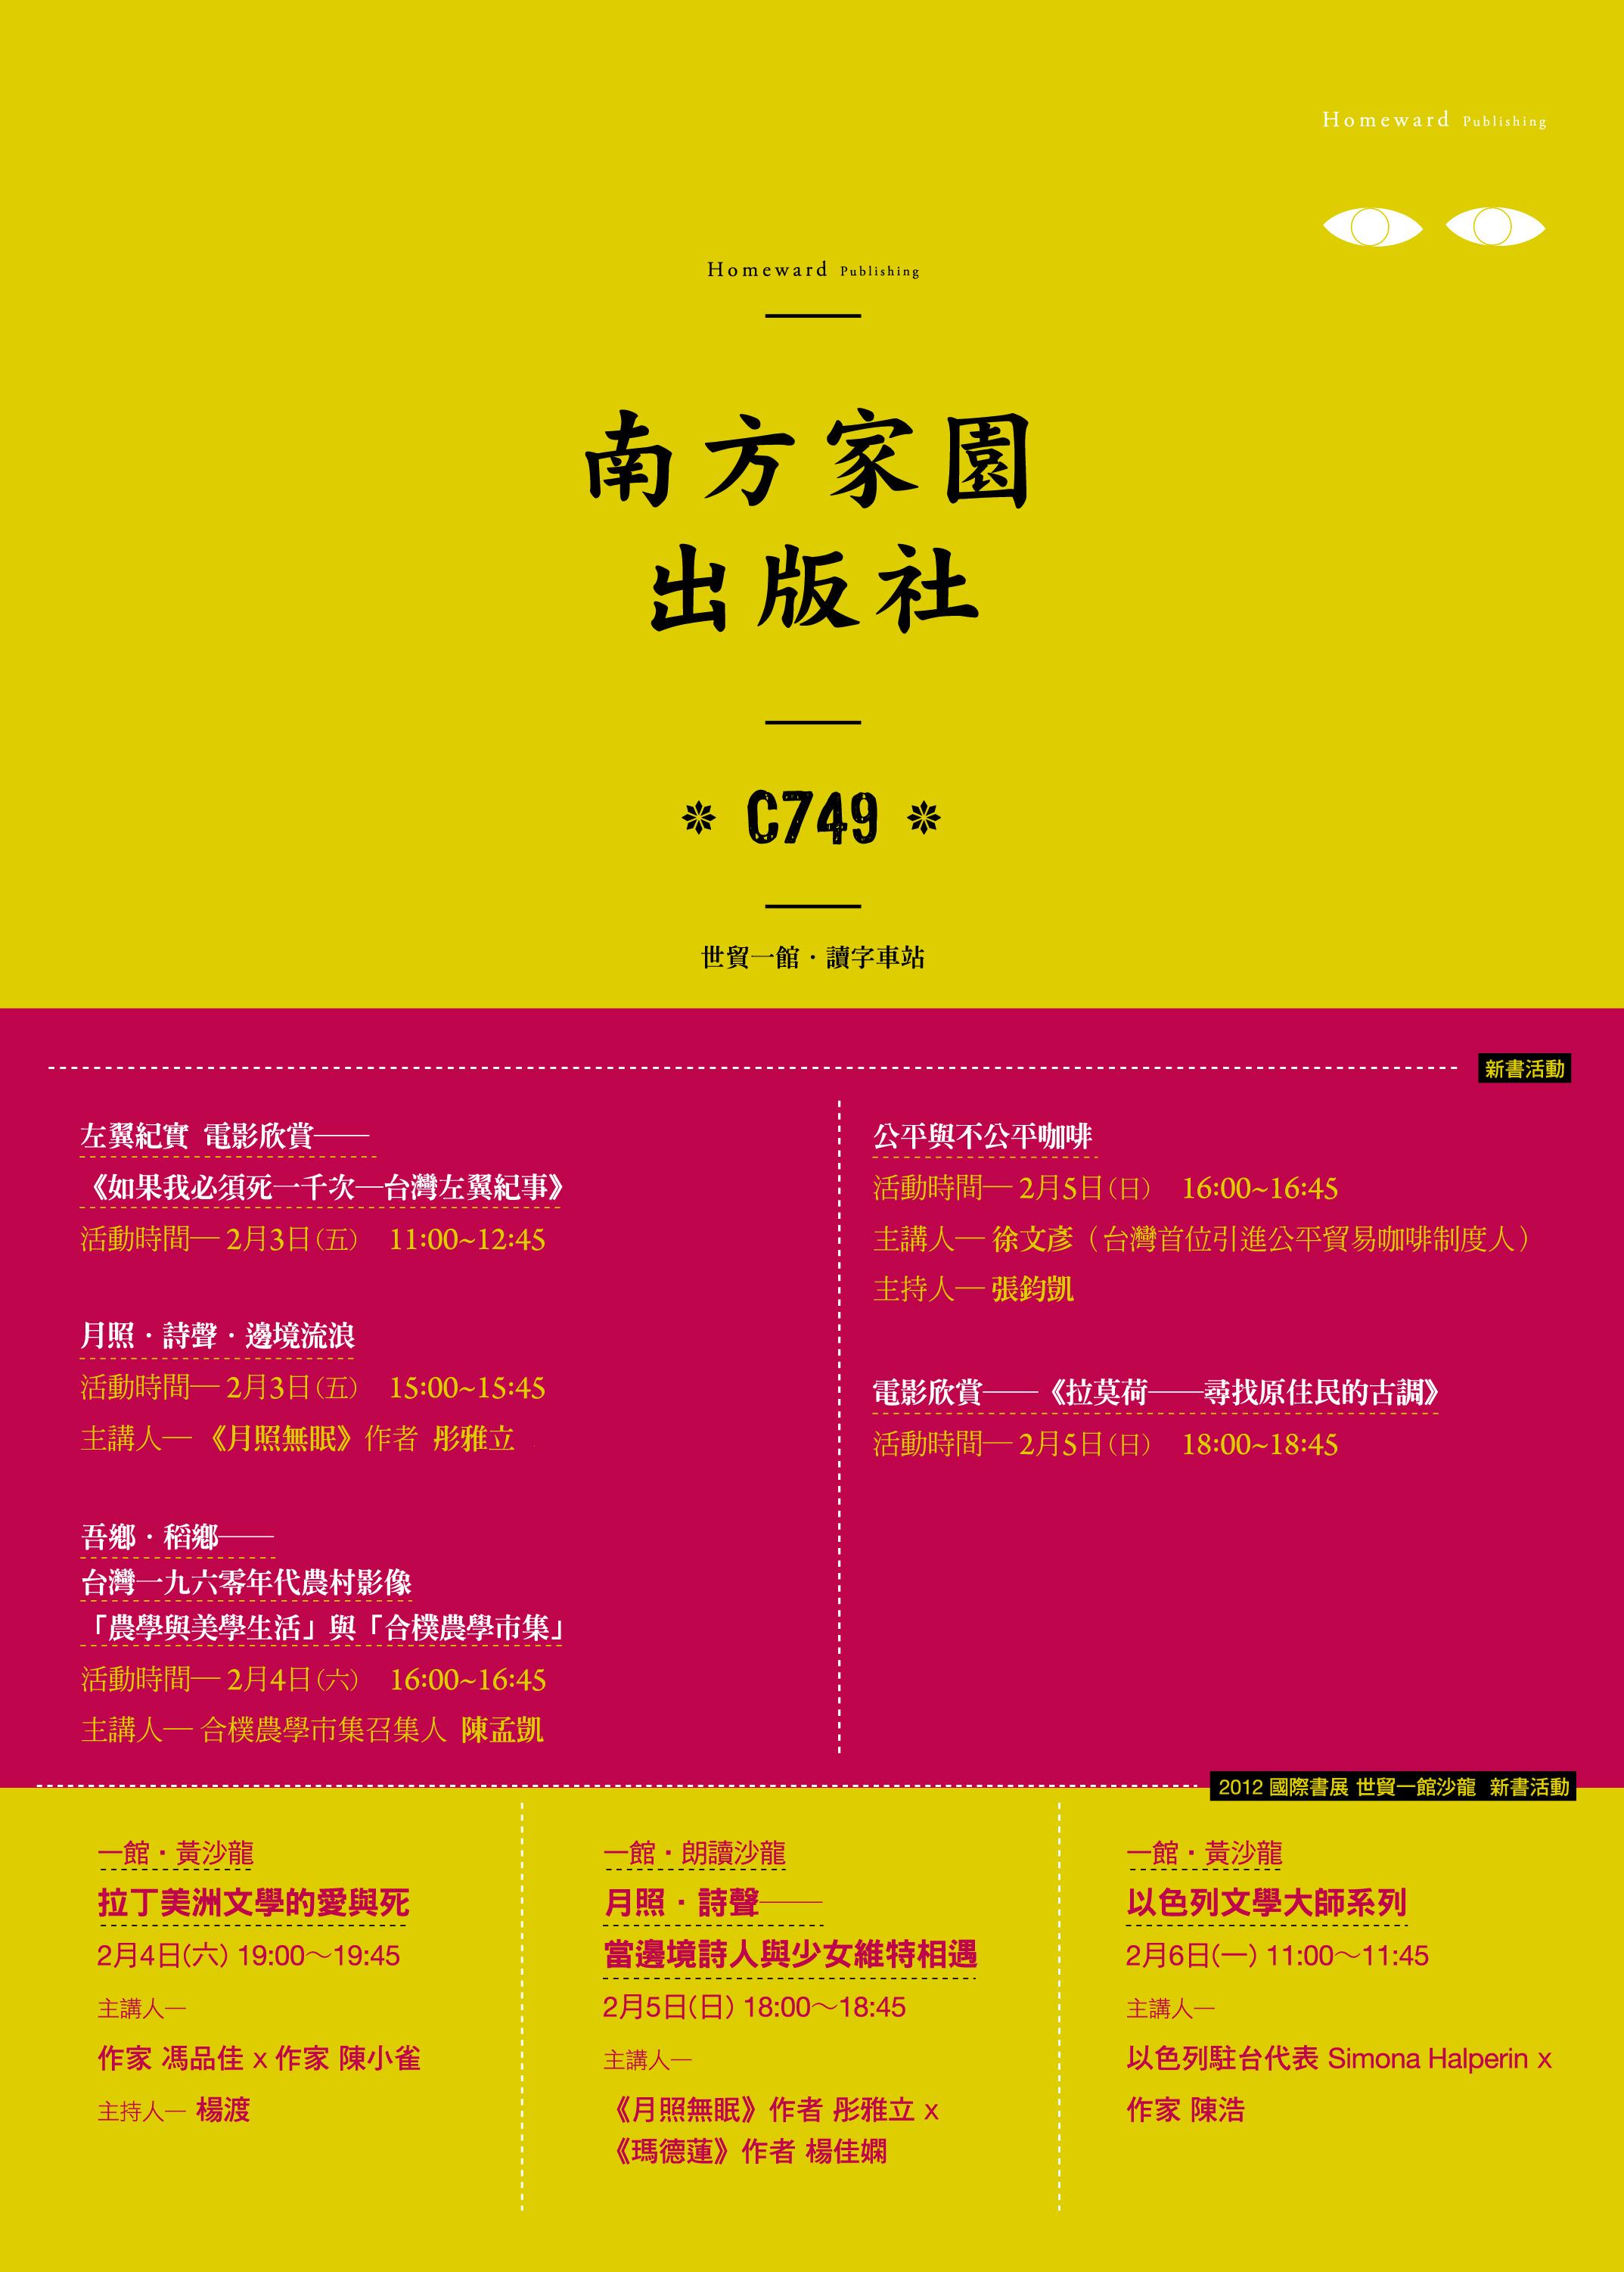 2012臺北國際書展 》南方家園列車進站! – 南方家園出版社 Homeward publishing